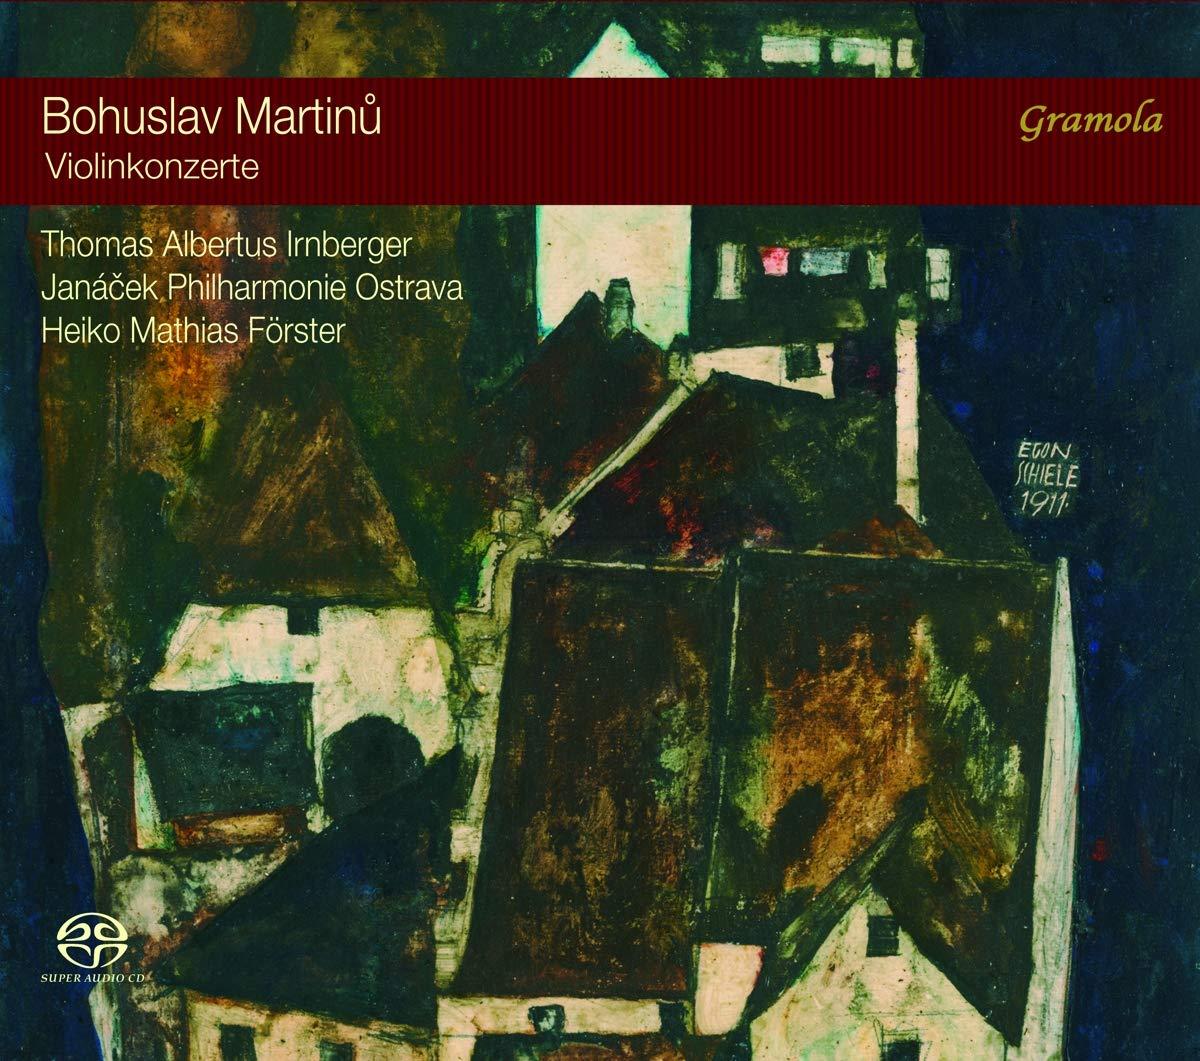 SACD : MARTINU / IRNBERGER - Violin Concertos 1 & 2 (Hybrid SACD)